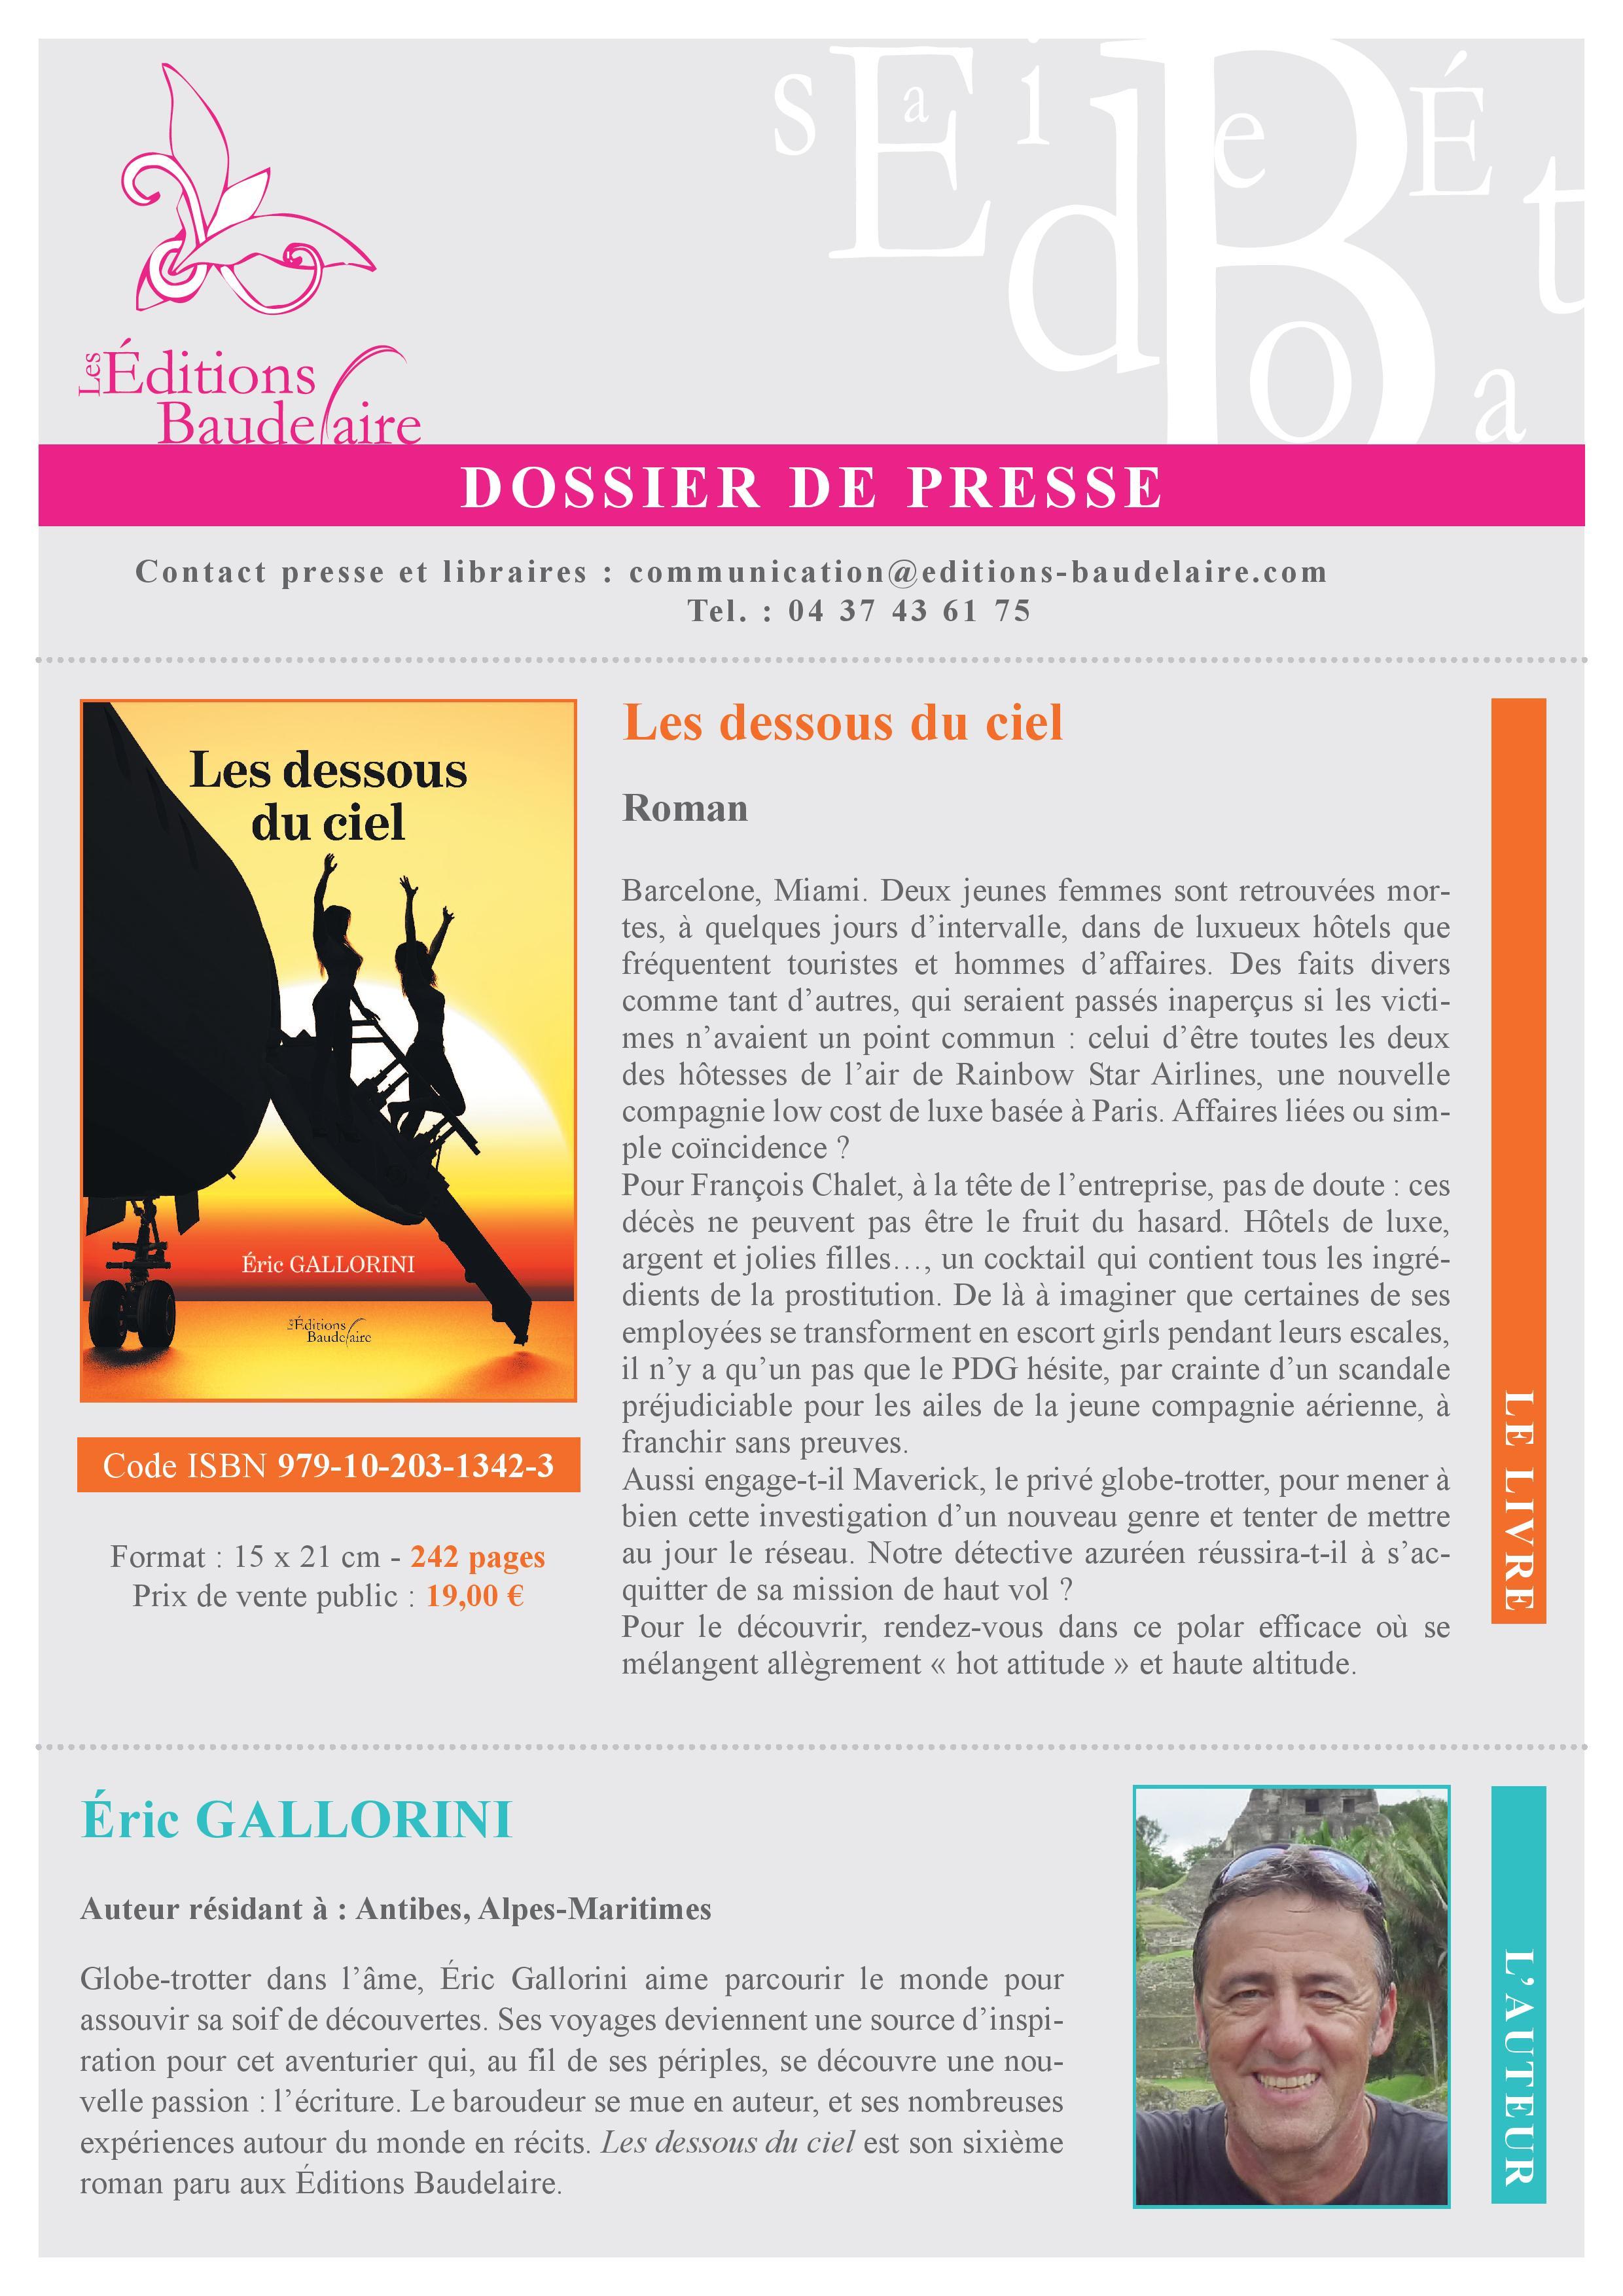 Dossier de presse Les dessous du ciel-page-001.jpg